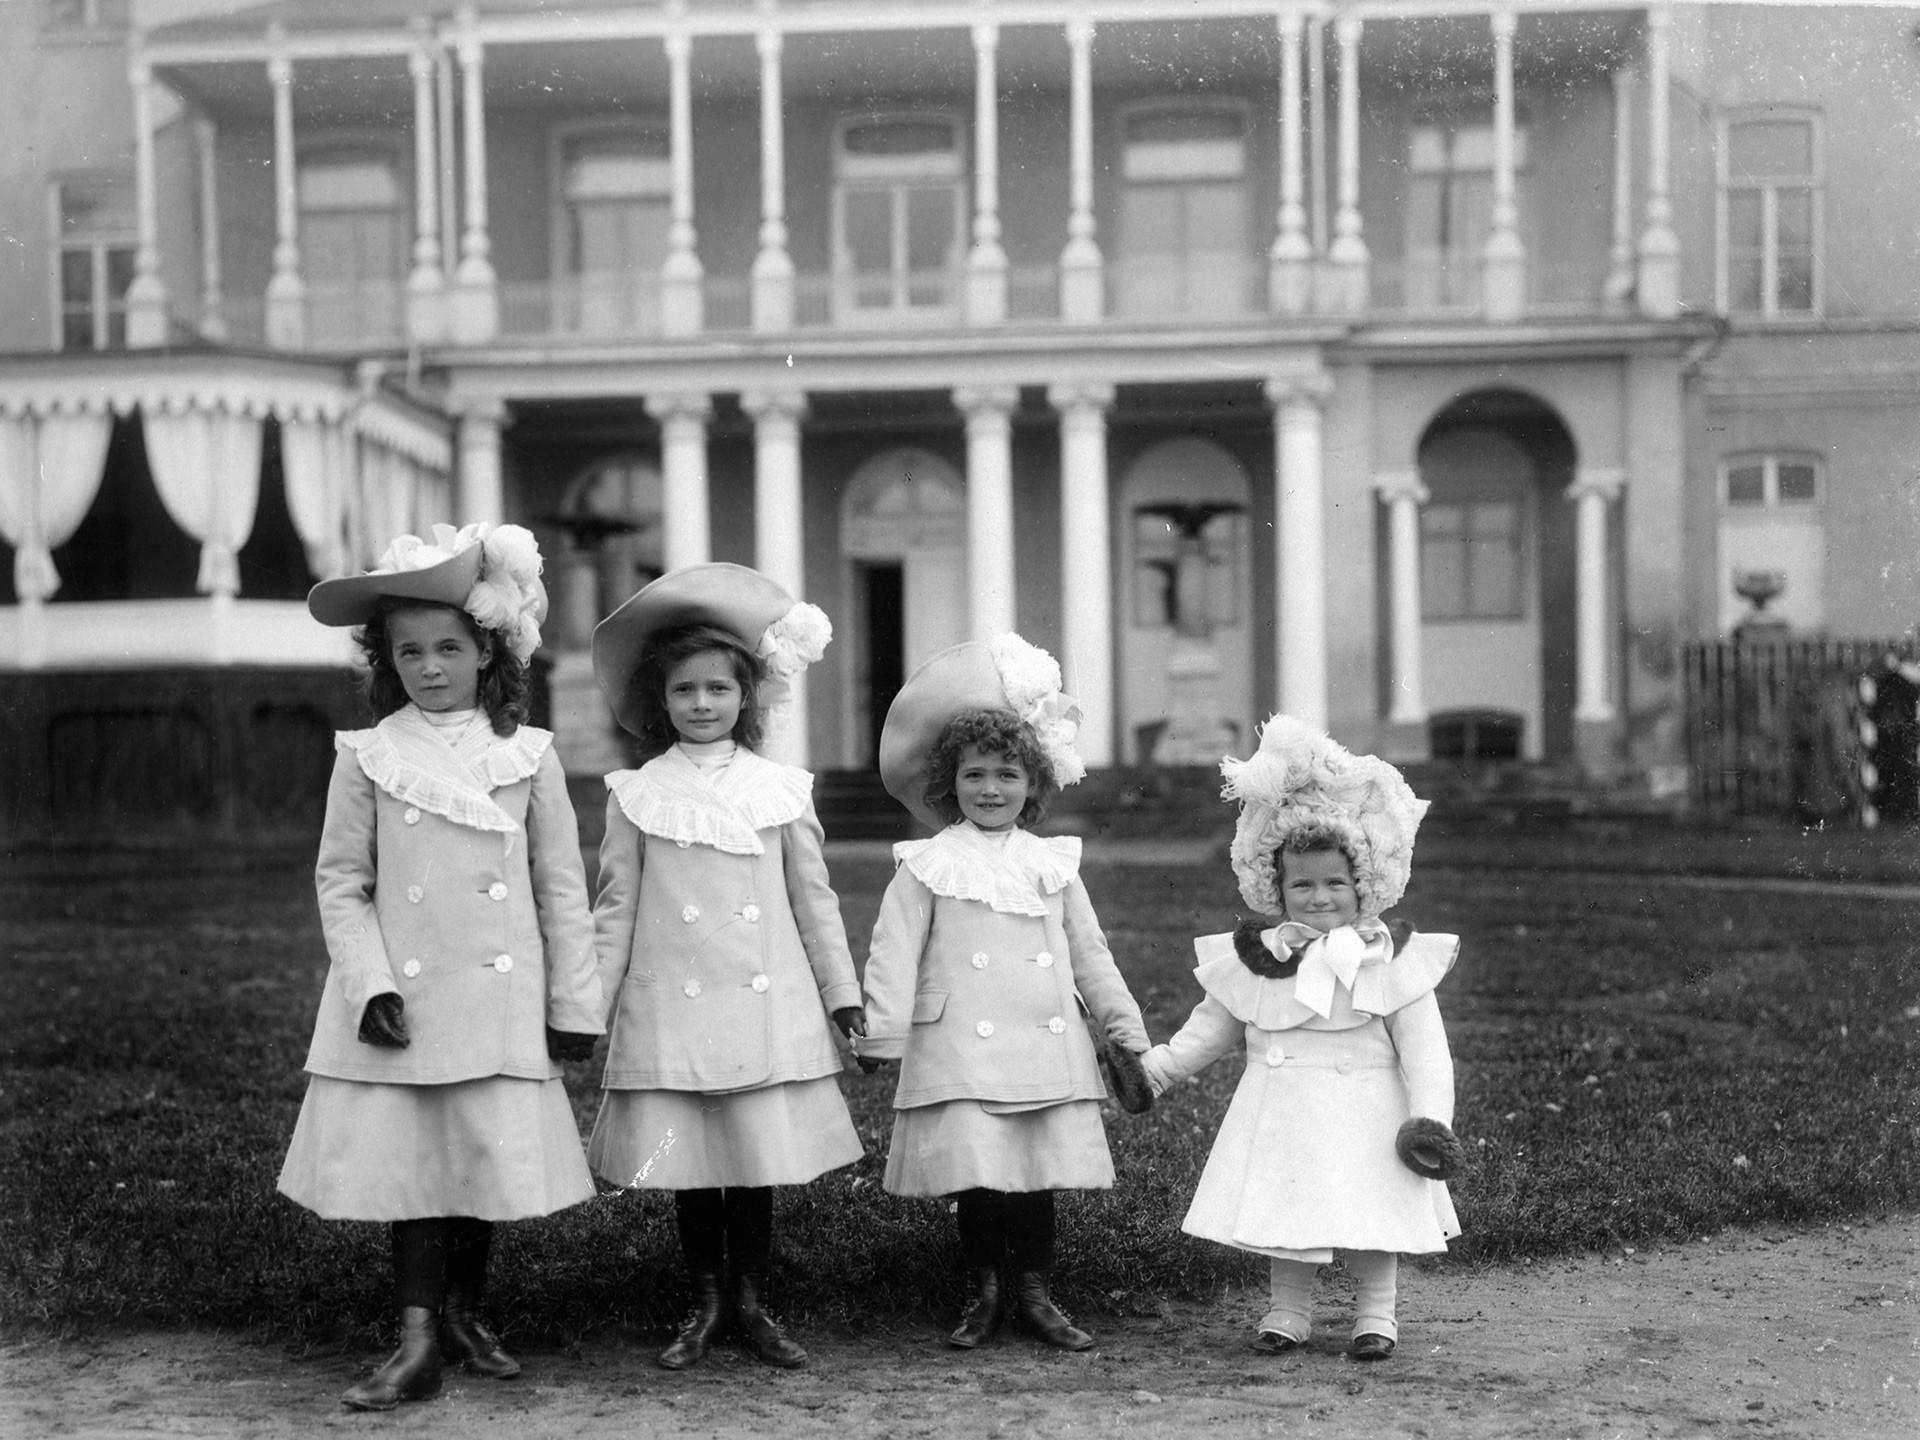 Las grandes duquesas Olga, Tatiana, María y Anastasía. Tsárskoie Selo, 1903.